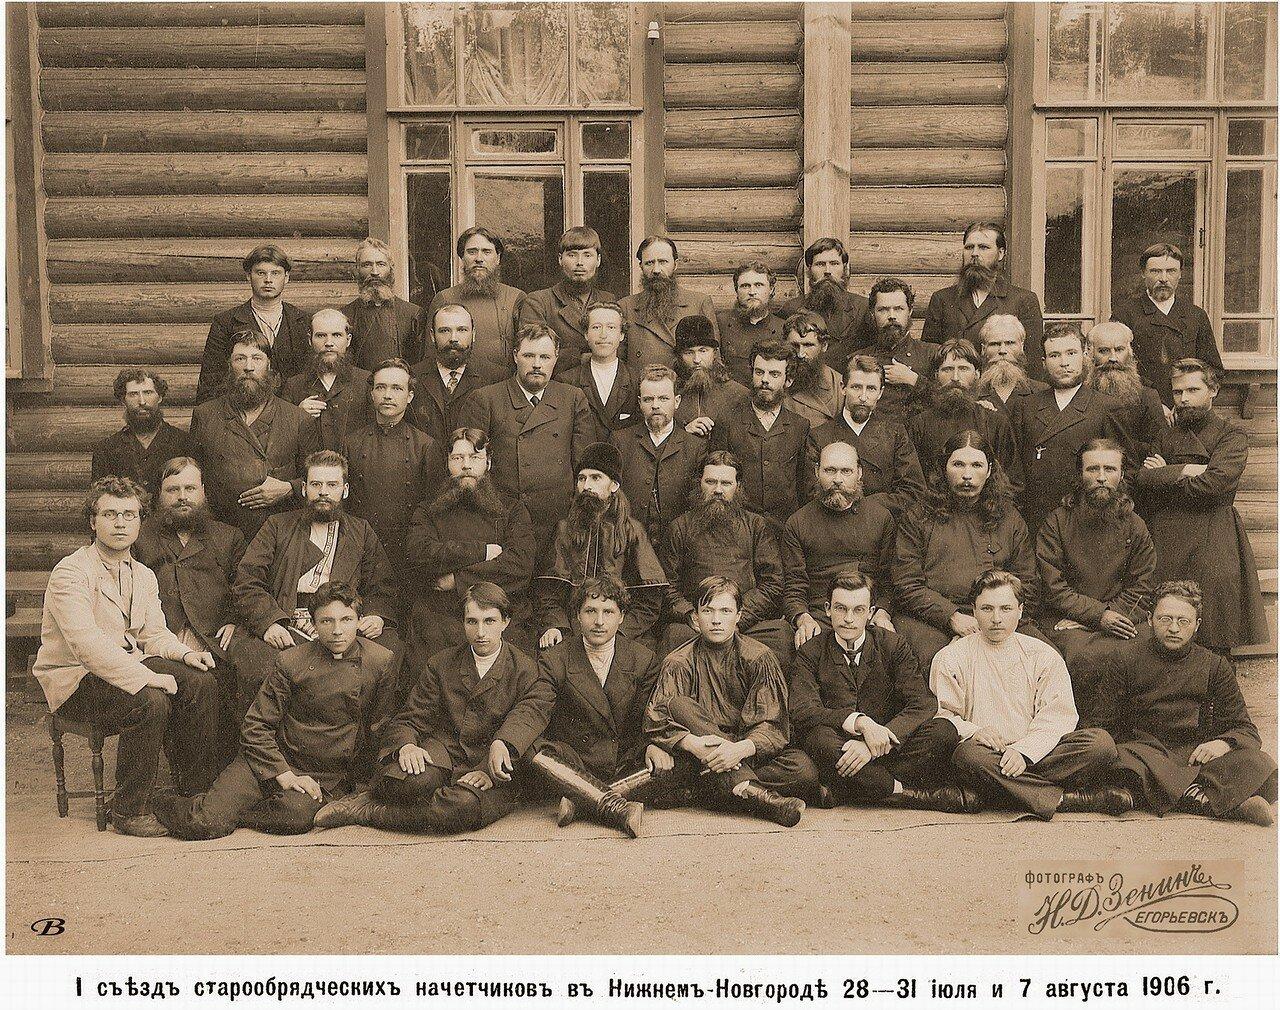 I съезд старообрядческих начетчиков в Нижнем Новгороде